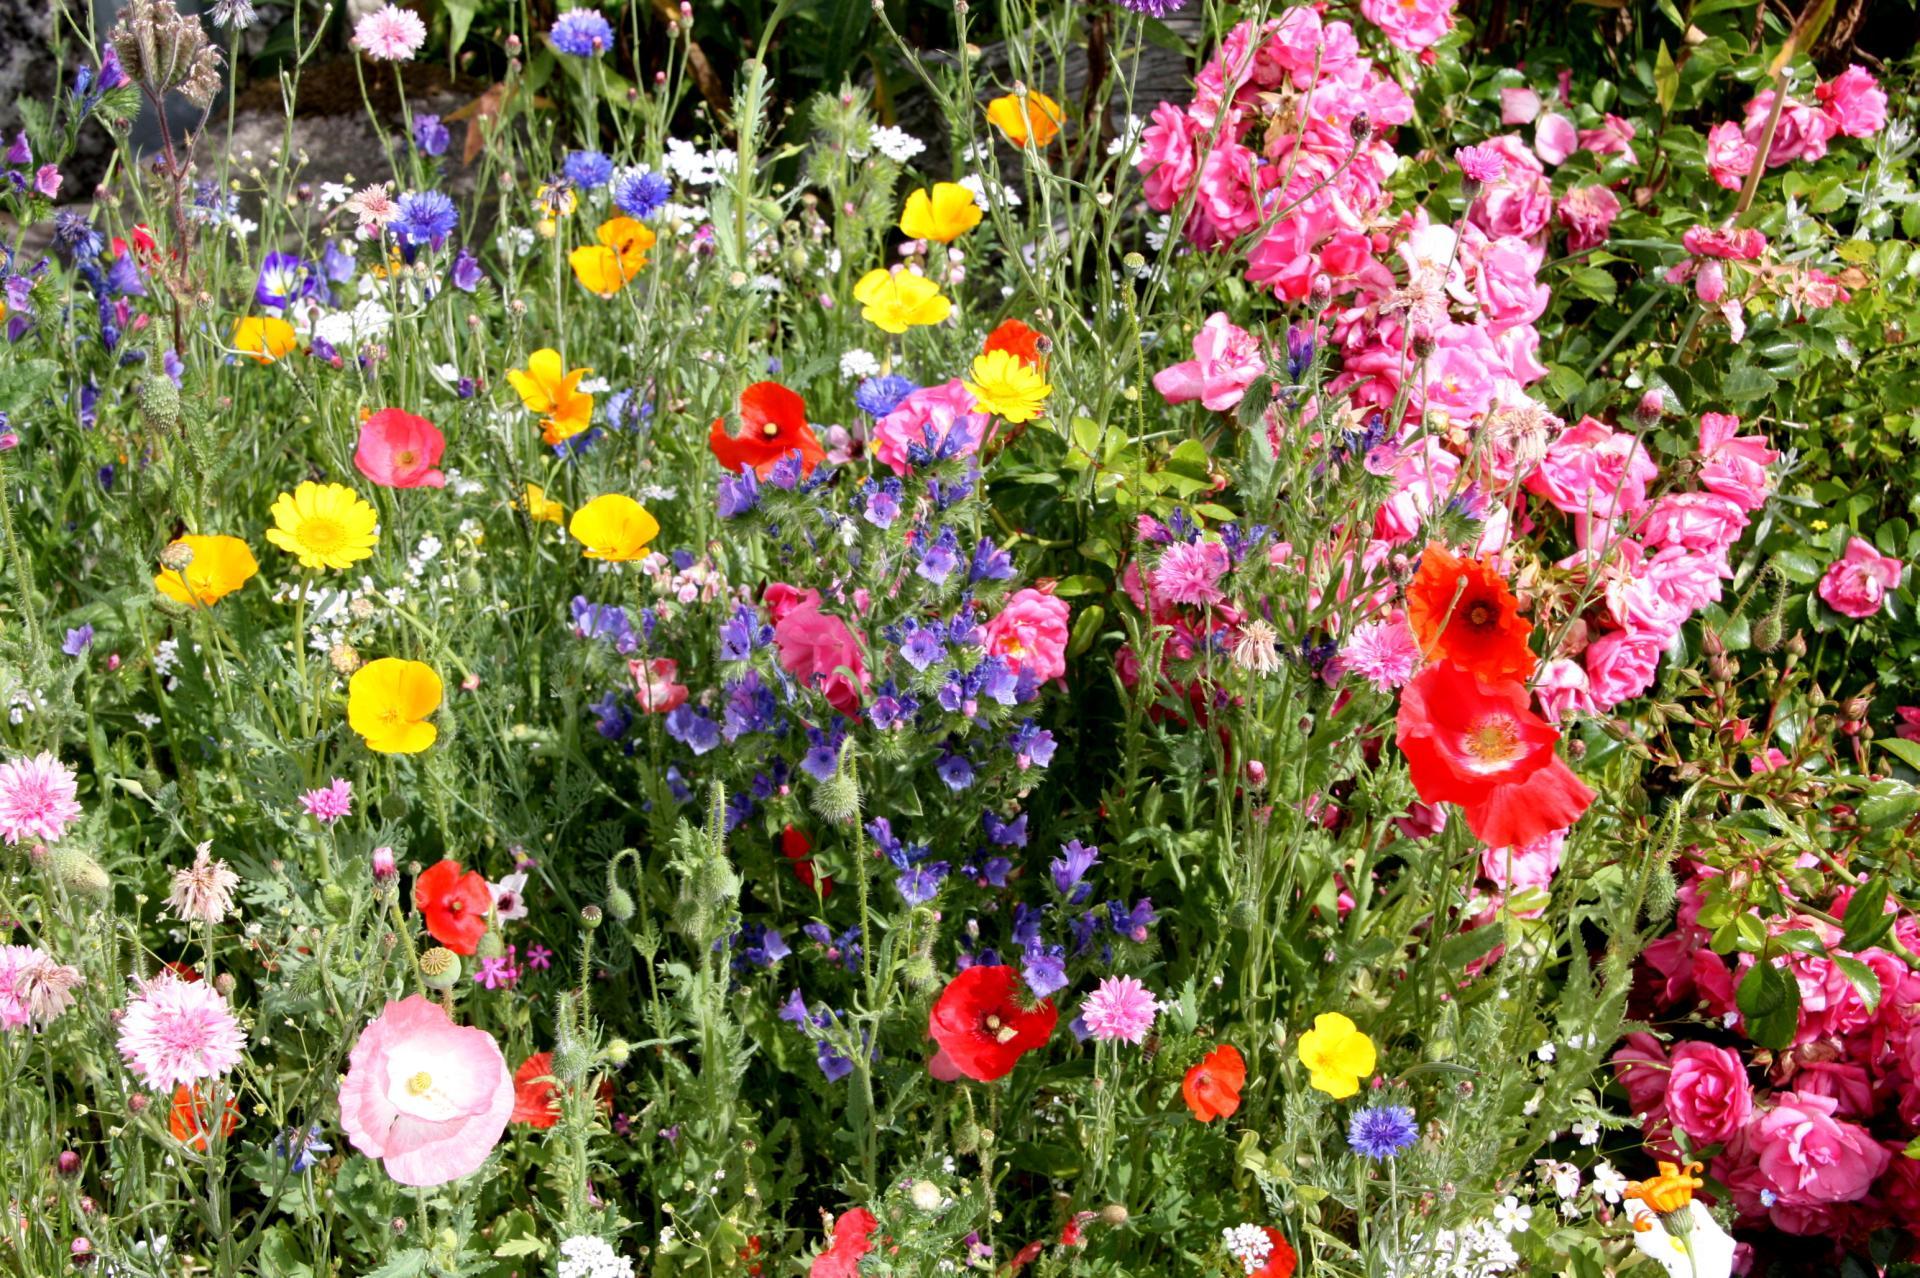 Blumensamen gibt es kostenlos bei der Stadt Schramberg. Foto: pm